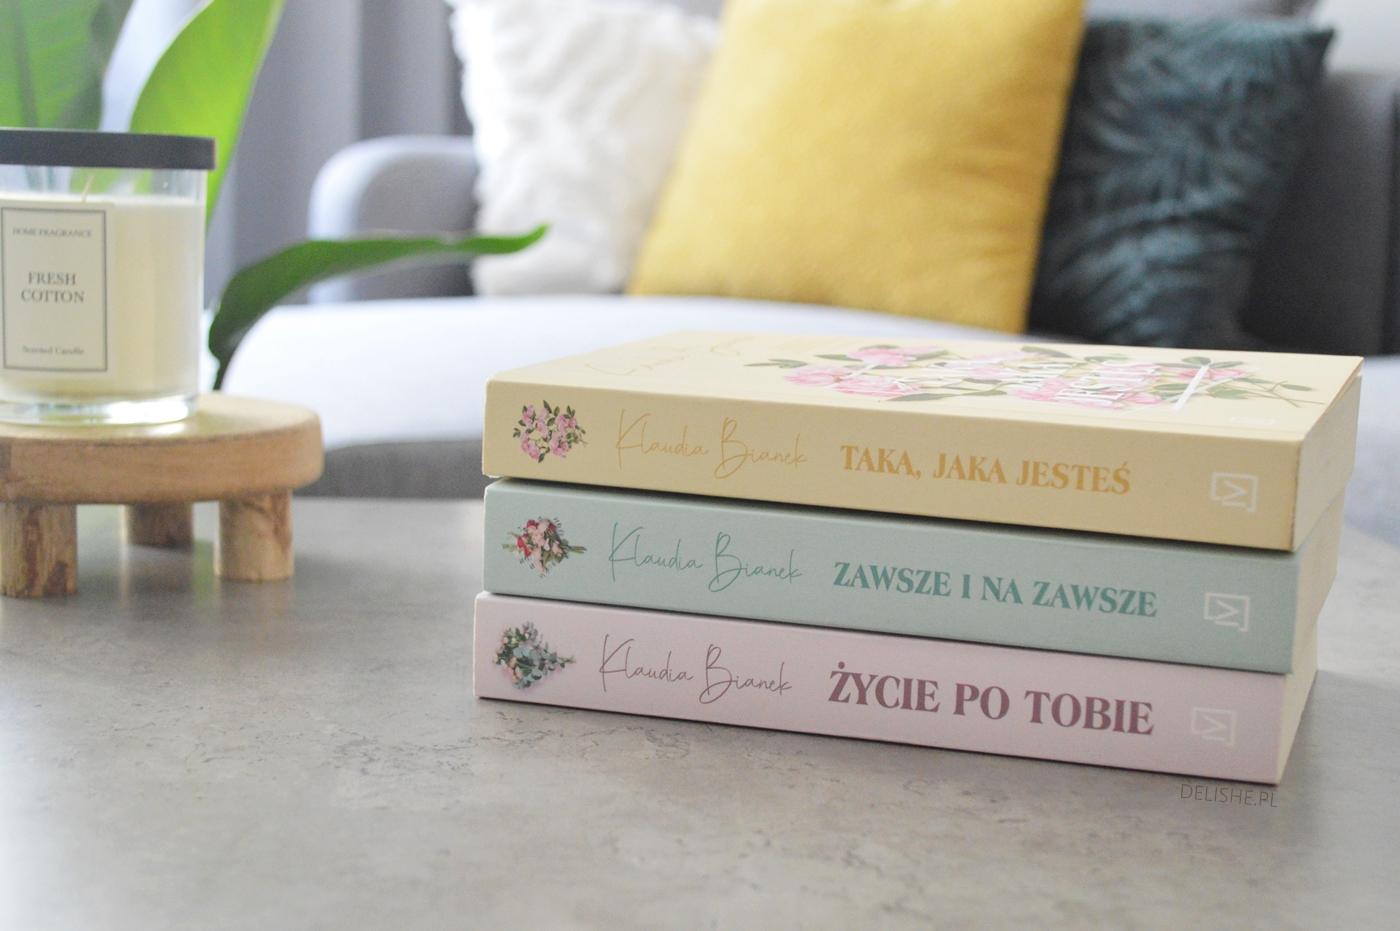 książki na lato Klaudia Bianek